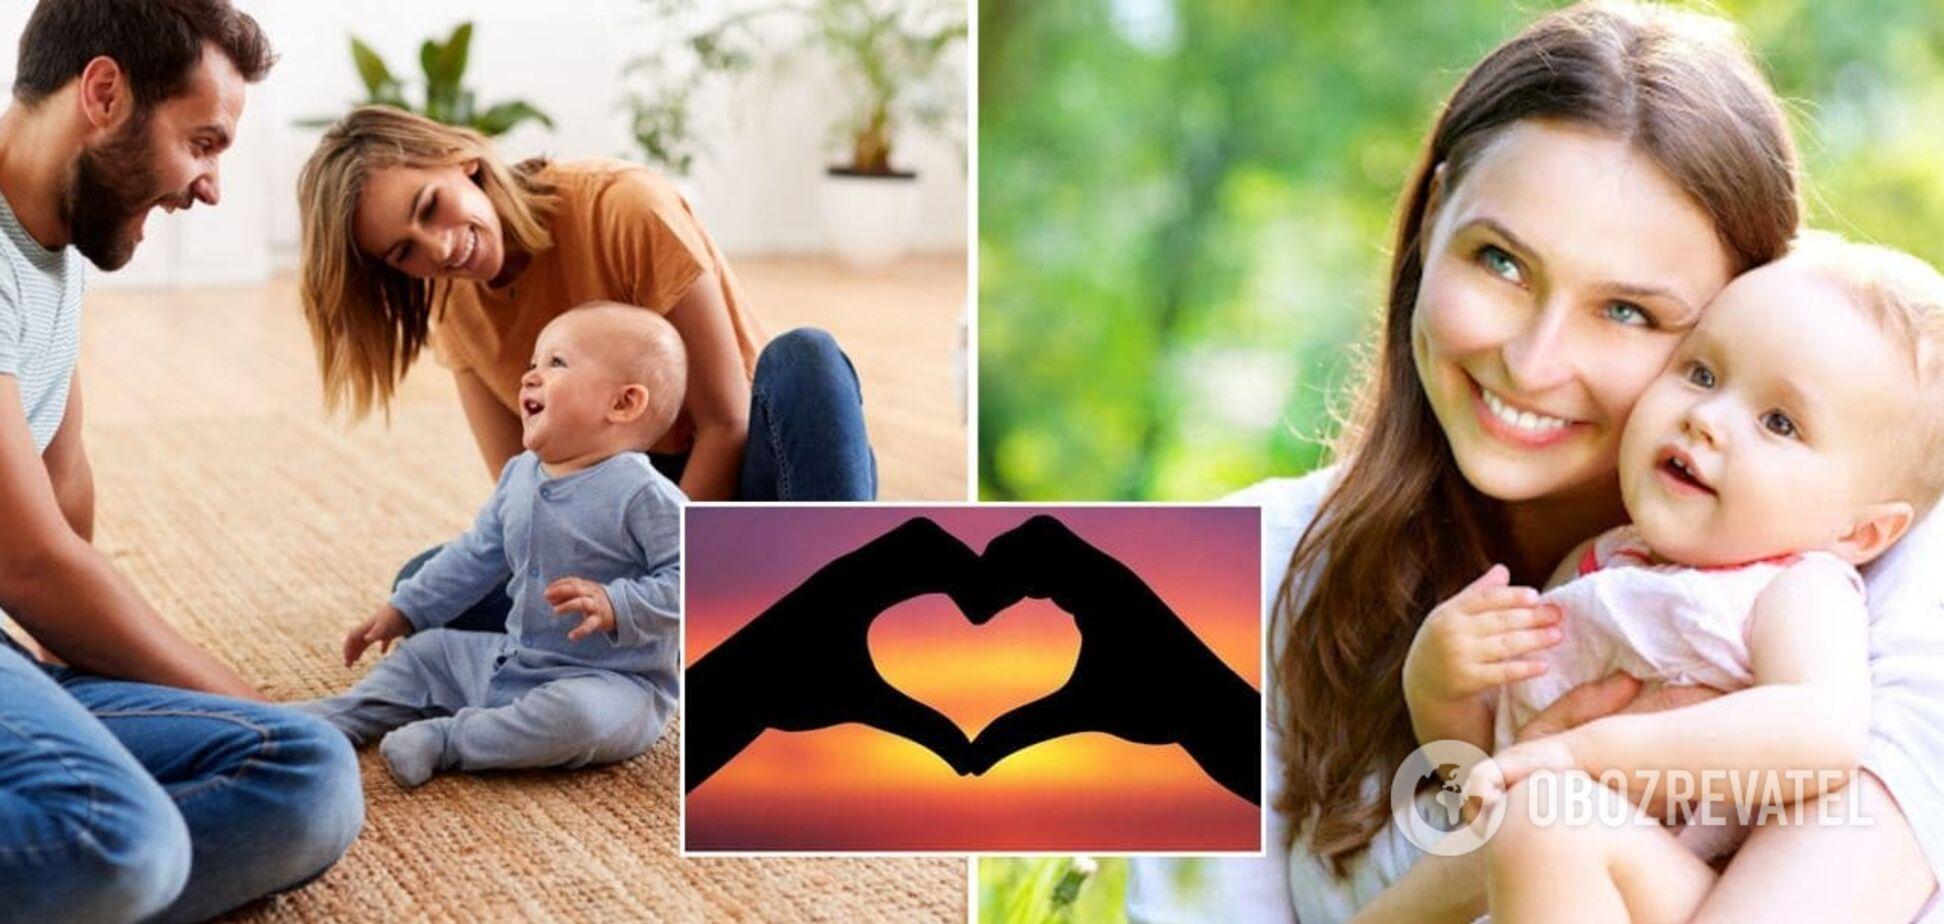 Шесть знаков зодиака среди женщин, которых считают лучшими мамами: они знают, что такое забота